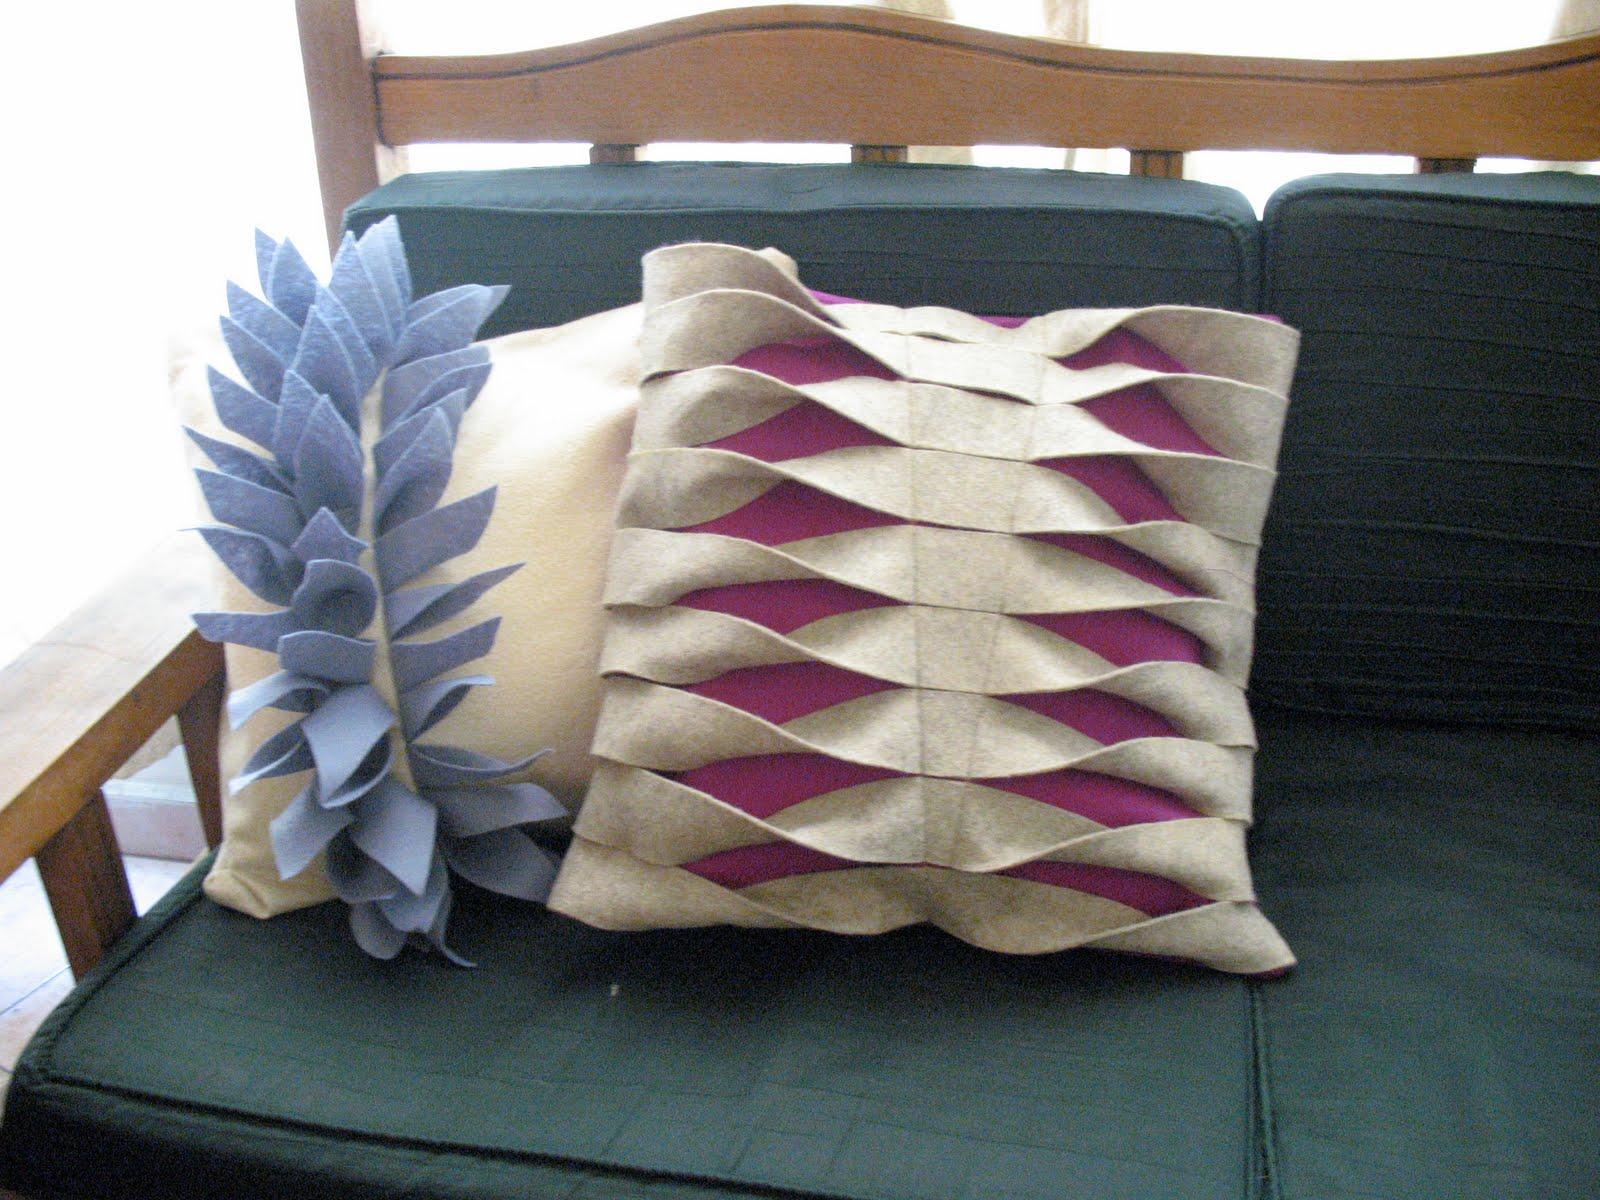 Klausss cojines decorativos - Cojines de colores para decorar ...